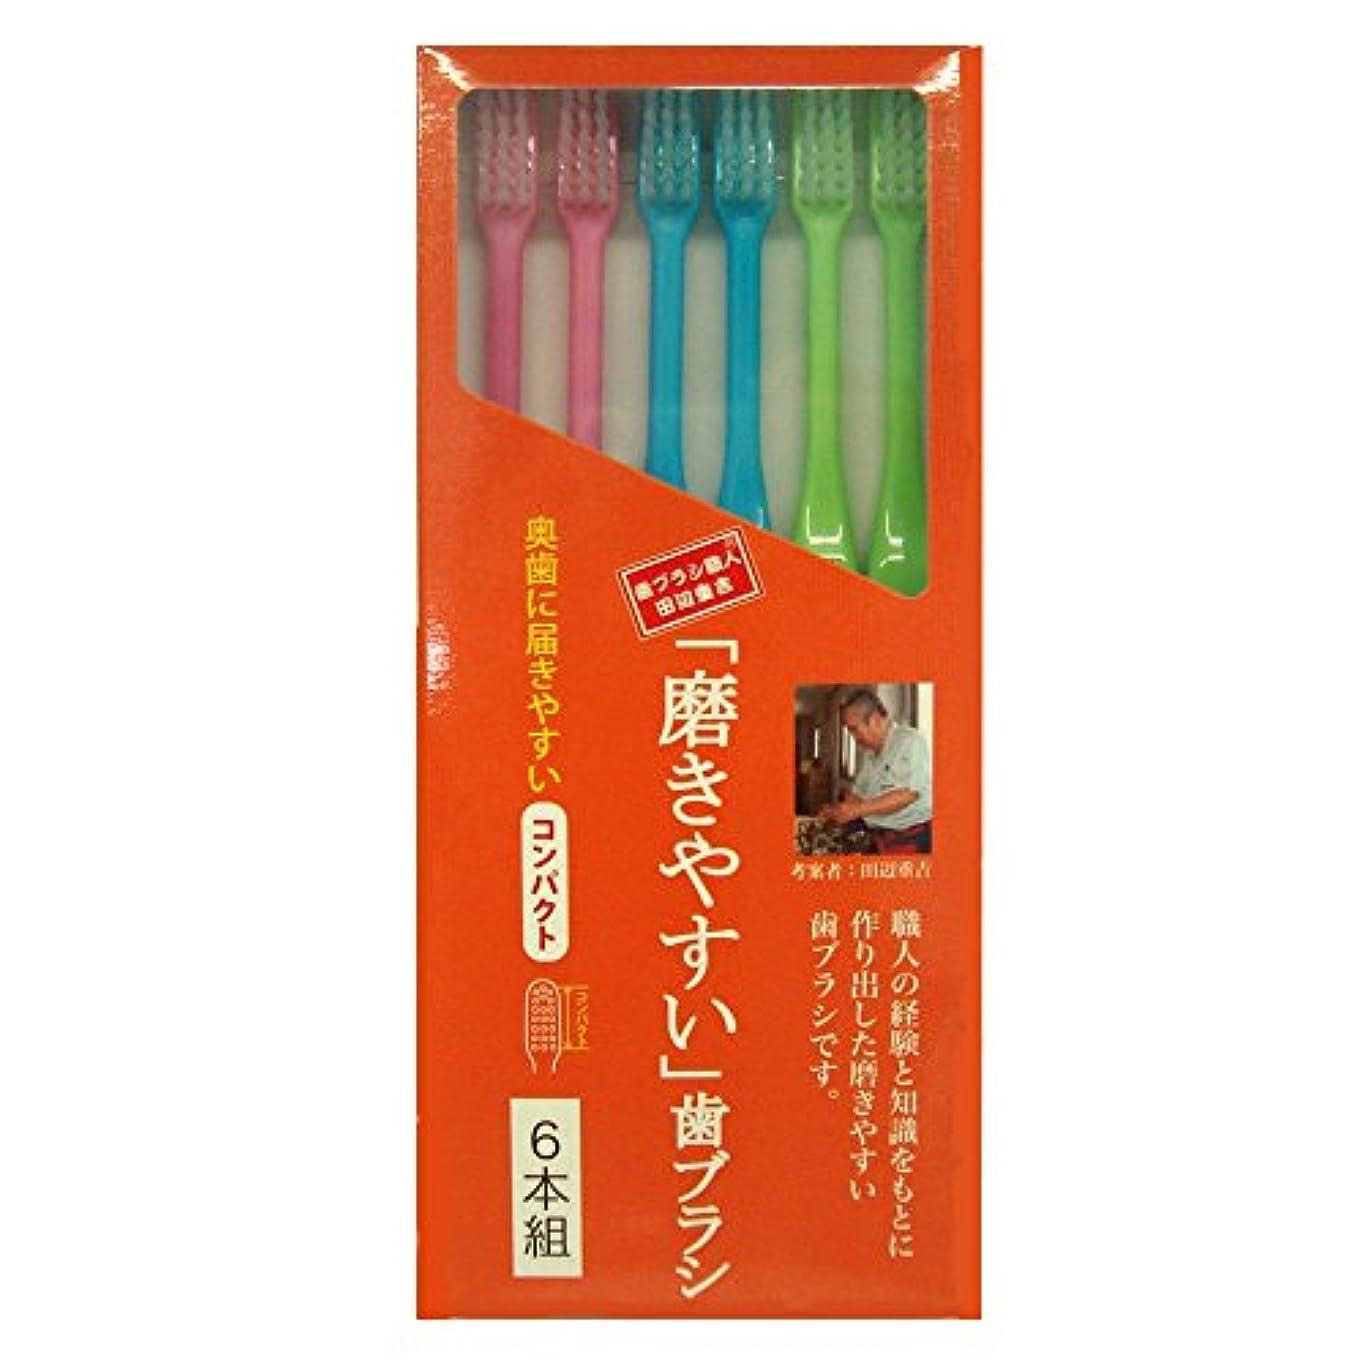 言い直すタウポ湖有料磨きやすい歯ブラシ 6本組 コンパクトタイプ